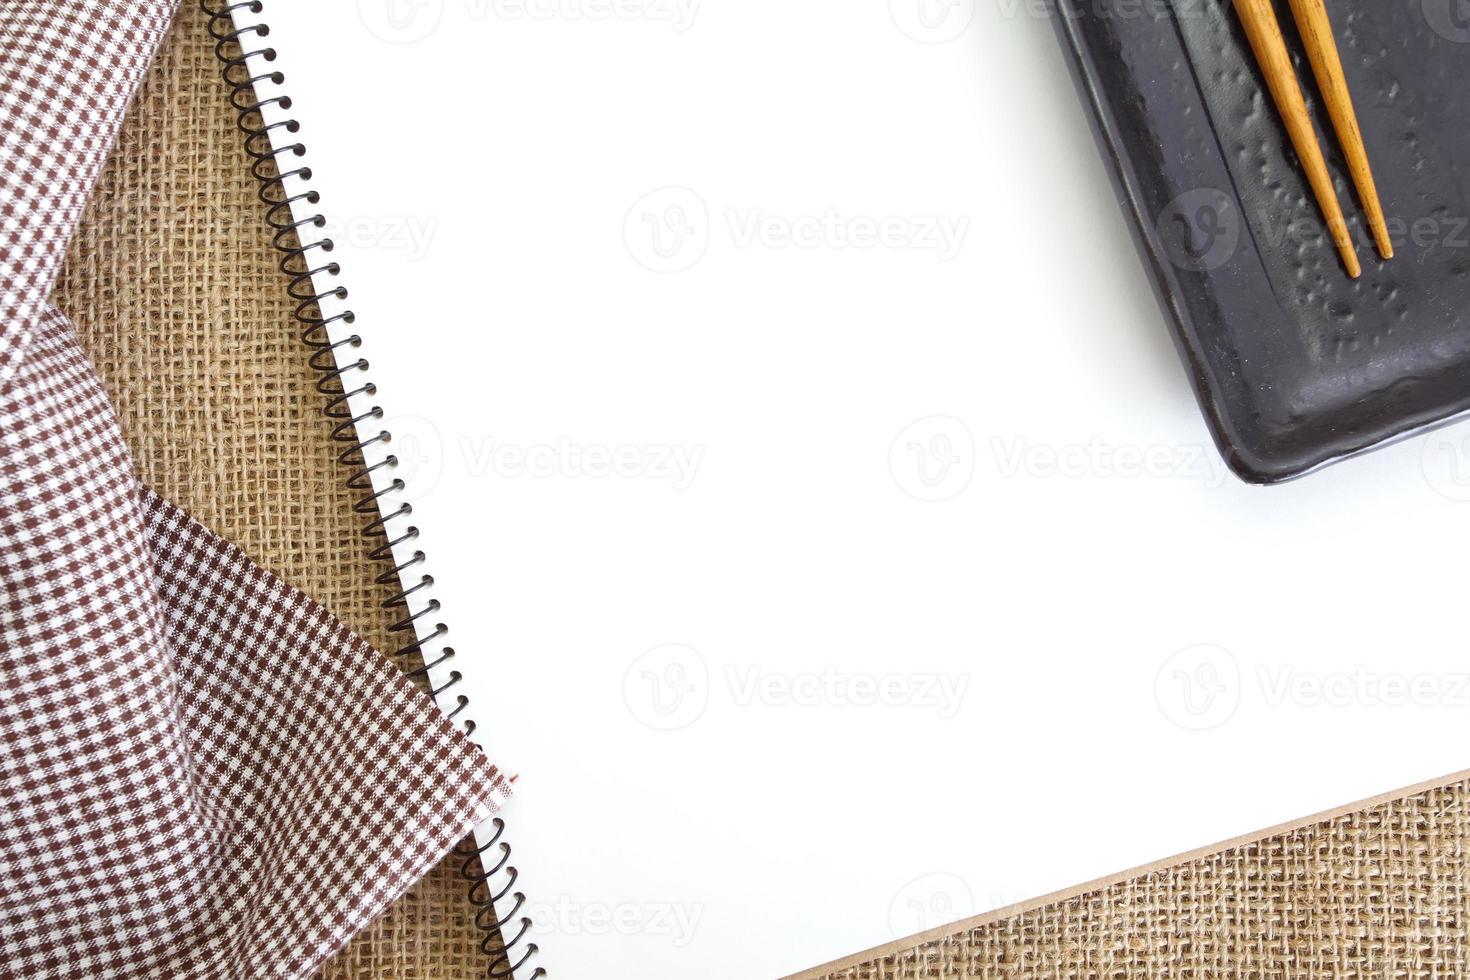 livro de receitas branco em branco na mesa da cozinha foto